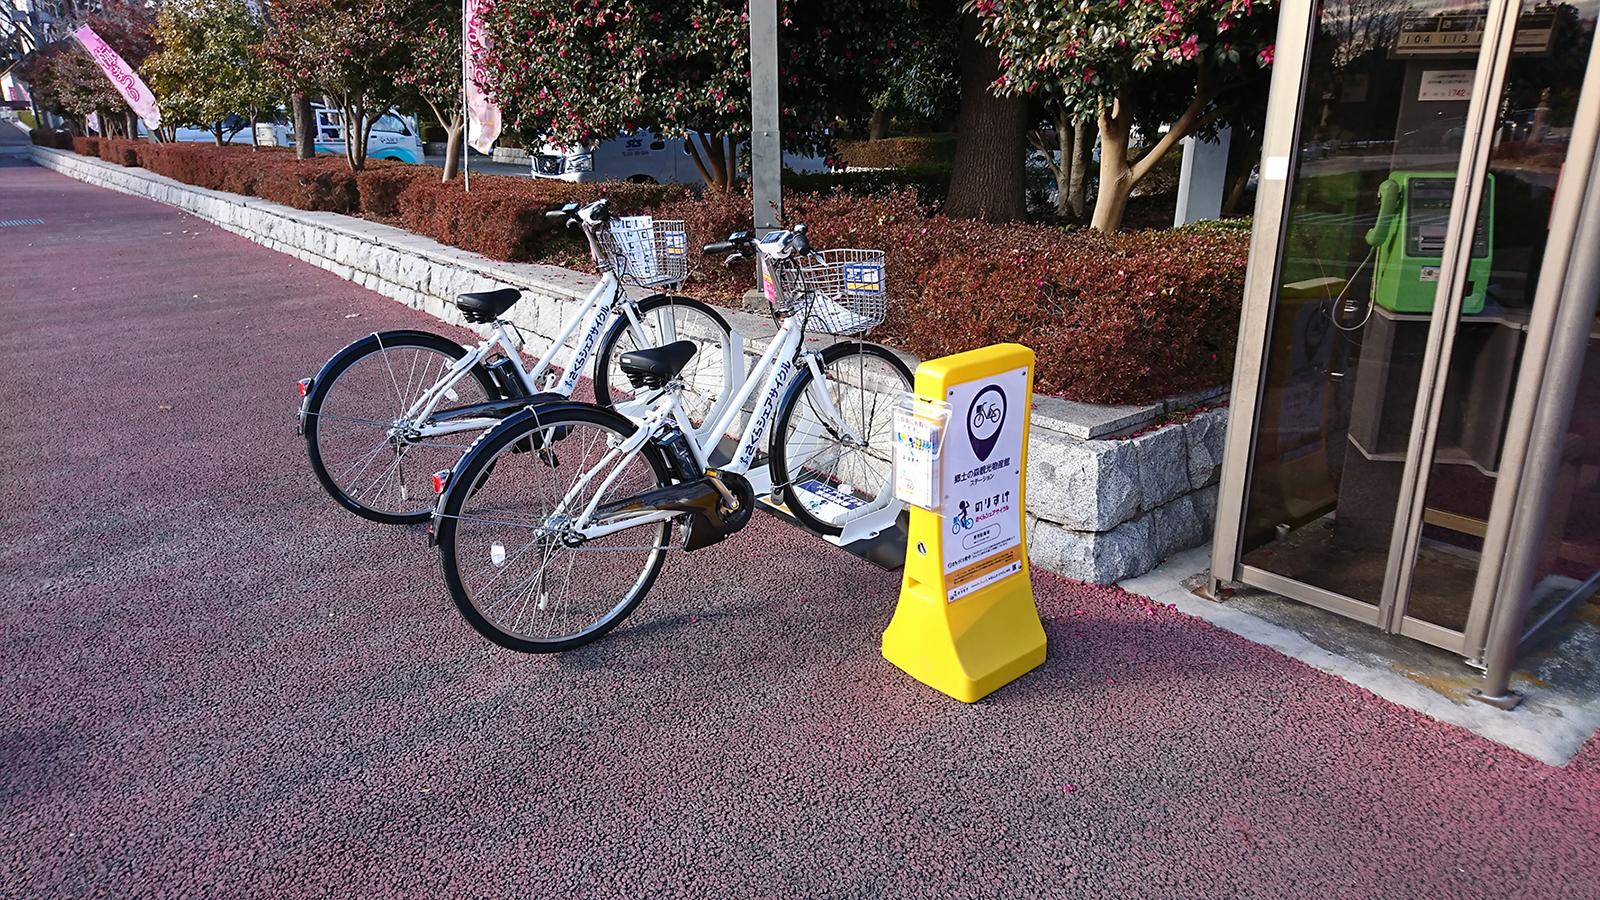 郷土の森観光物産館 (HELLO CYCLING ポート)の画像1